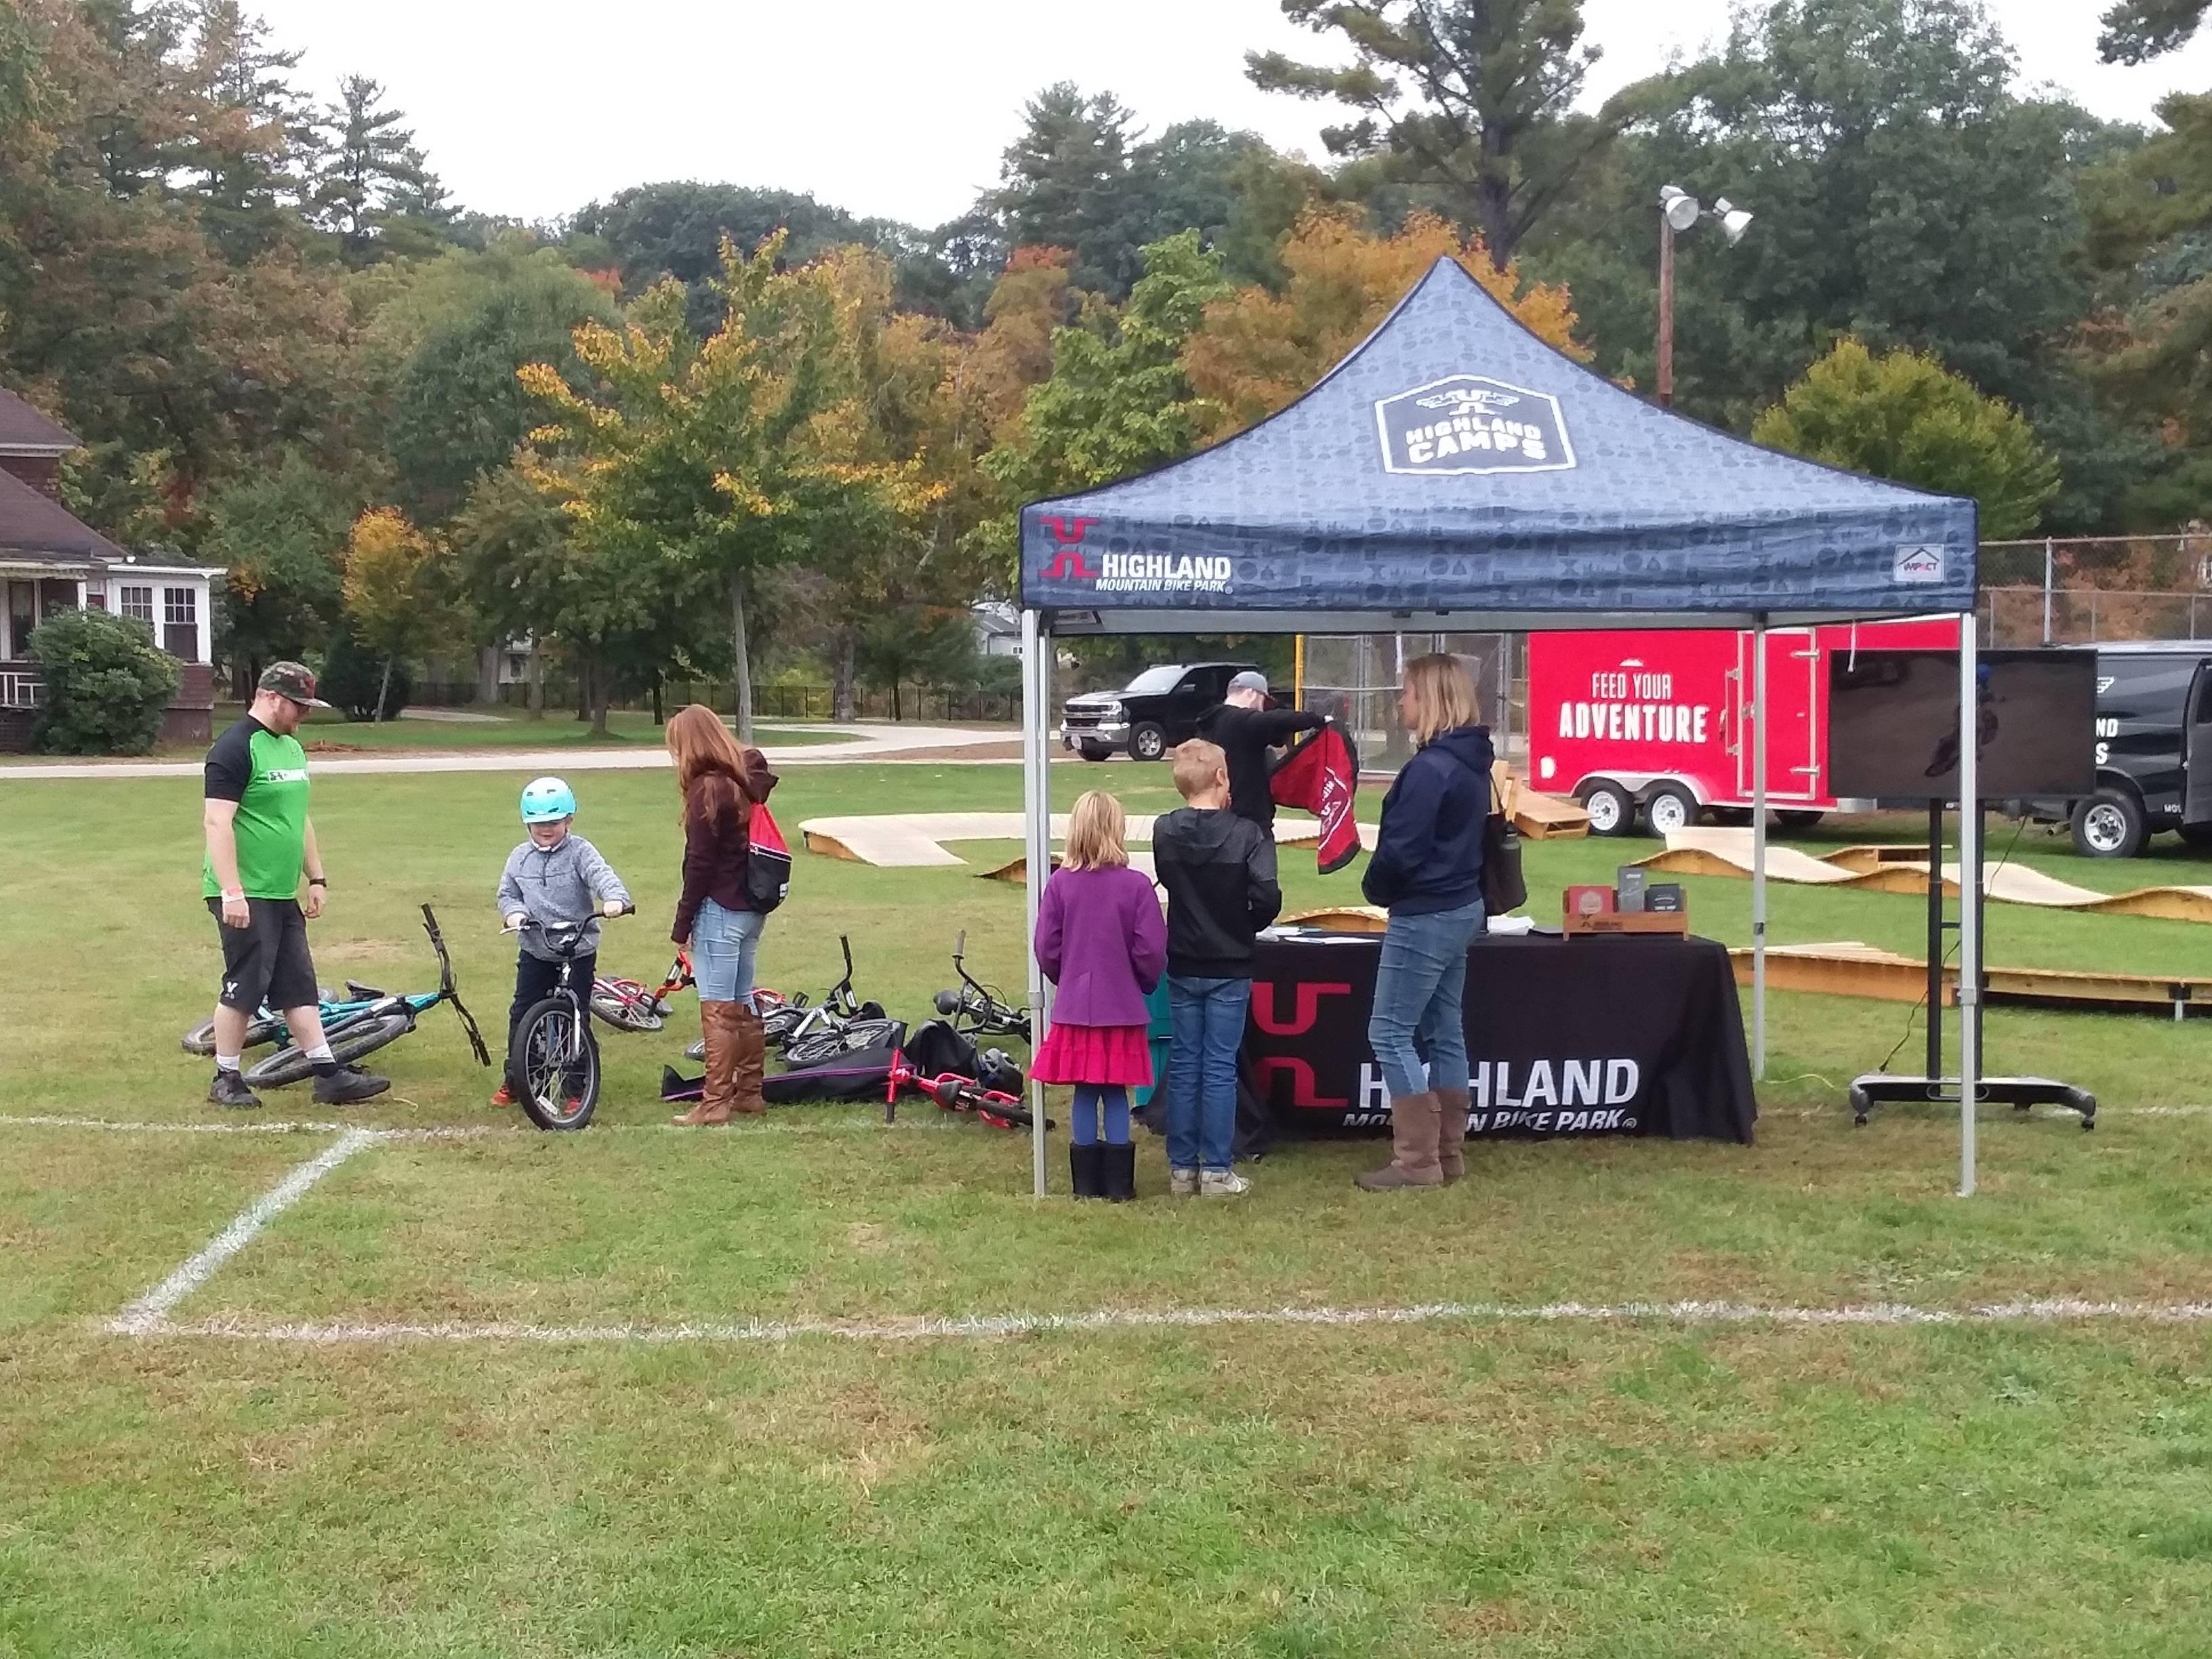 Highland Bike Park